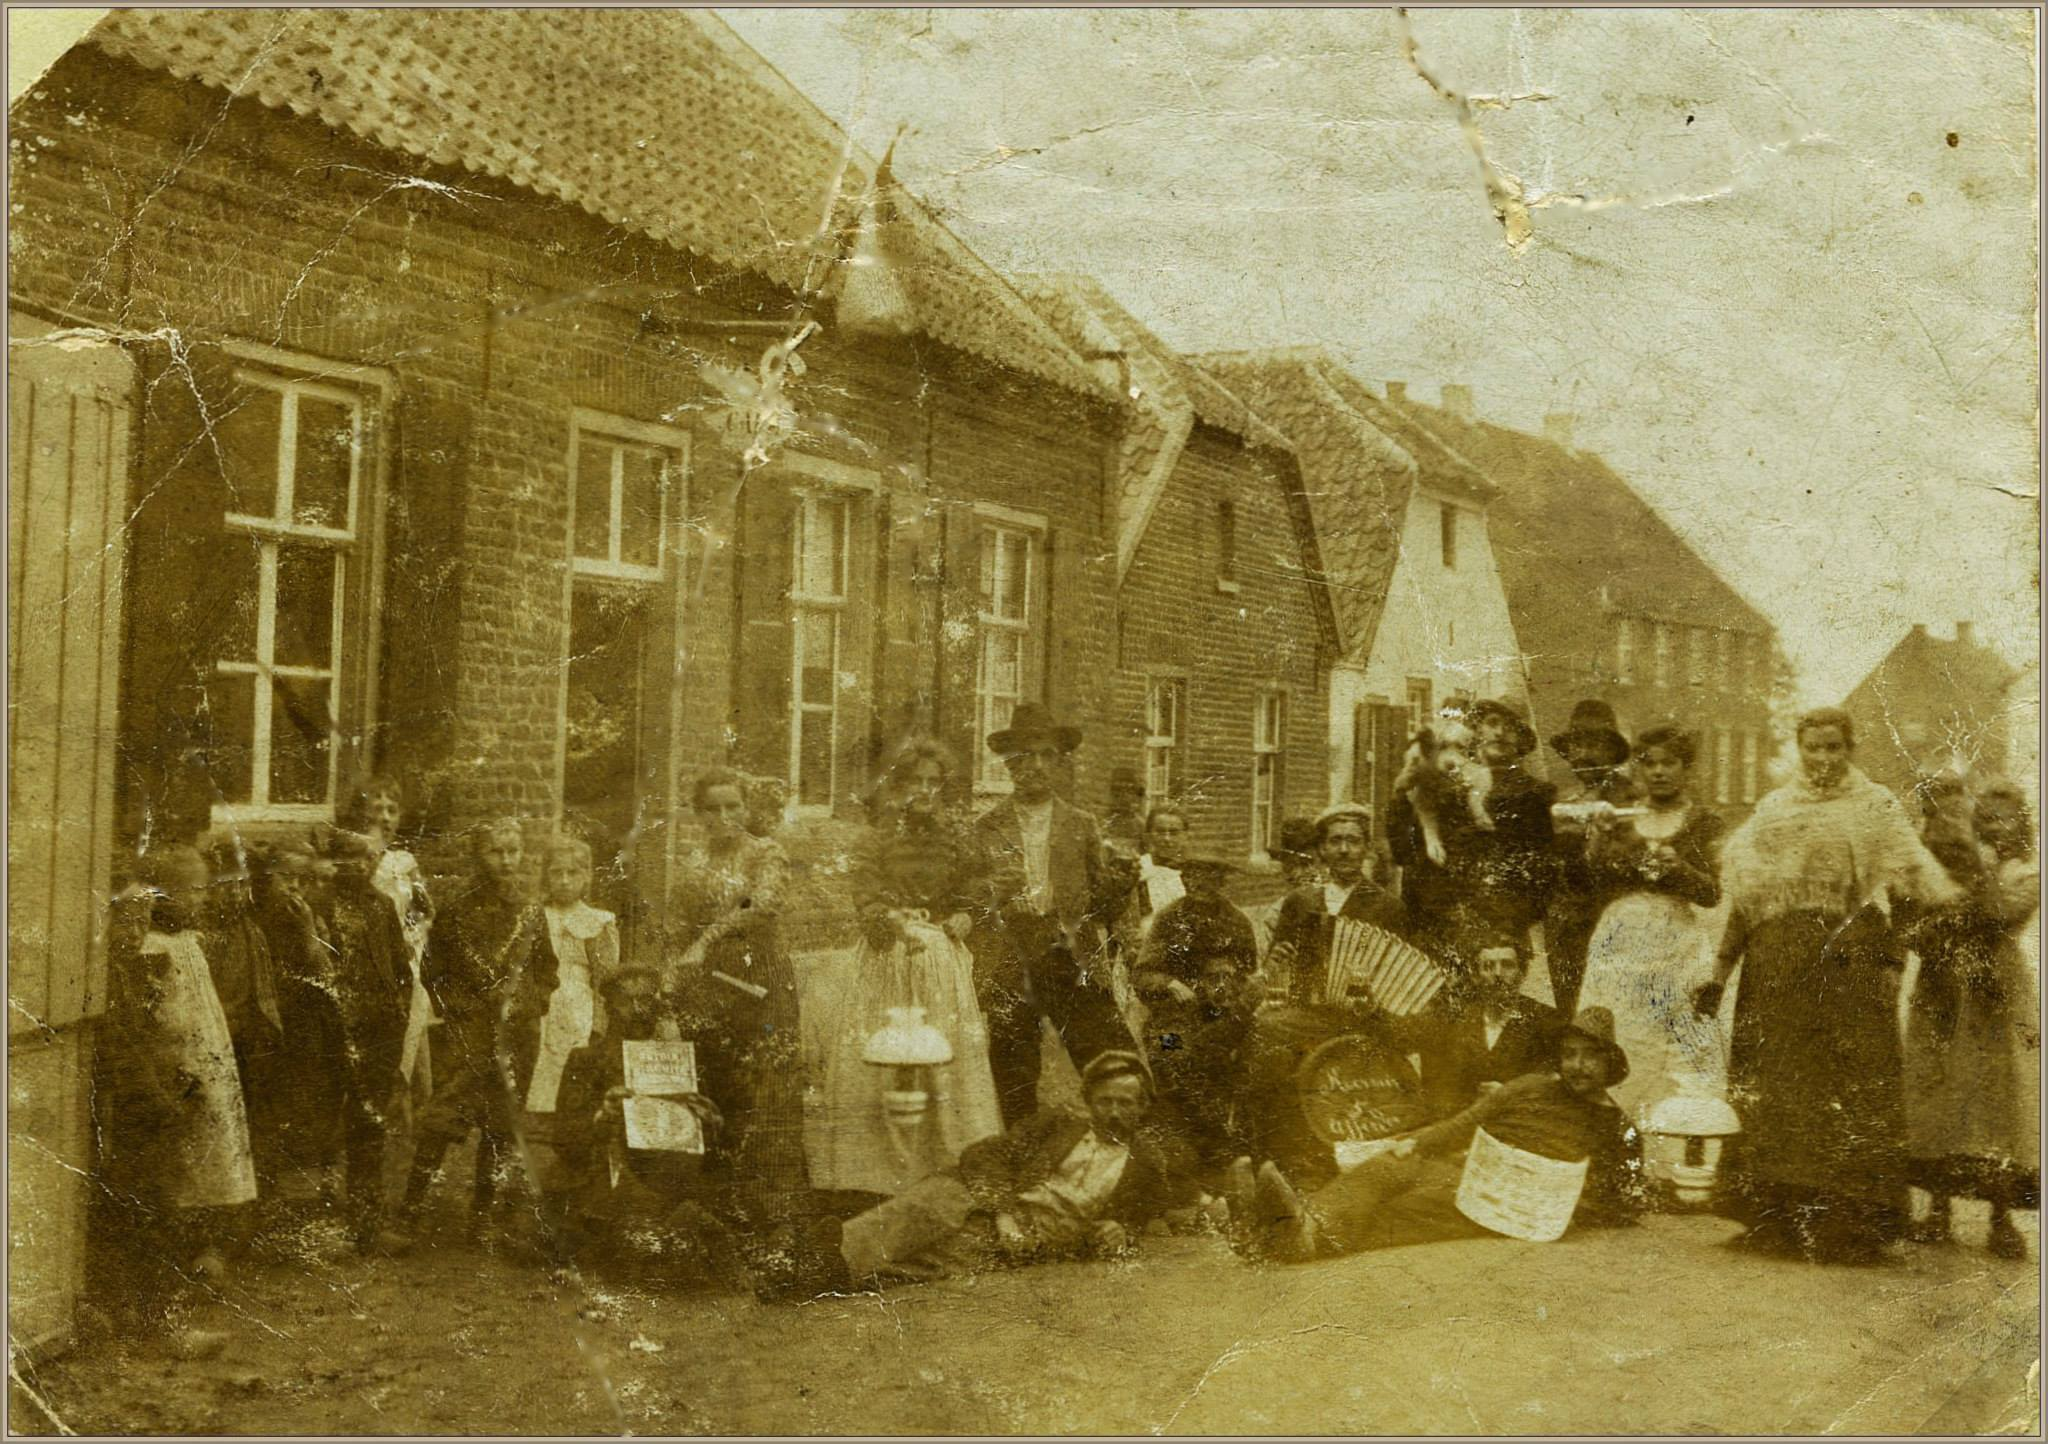 Kermis in 1910